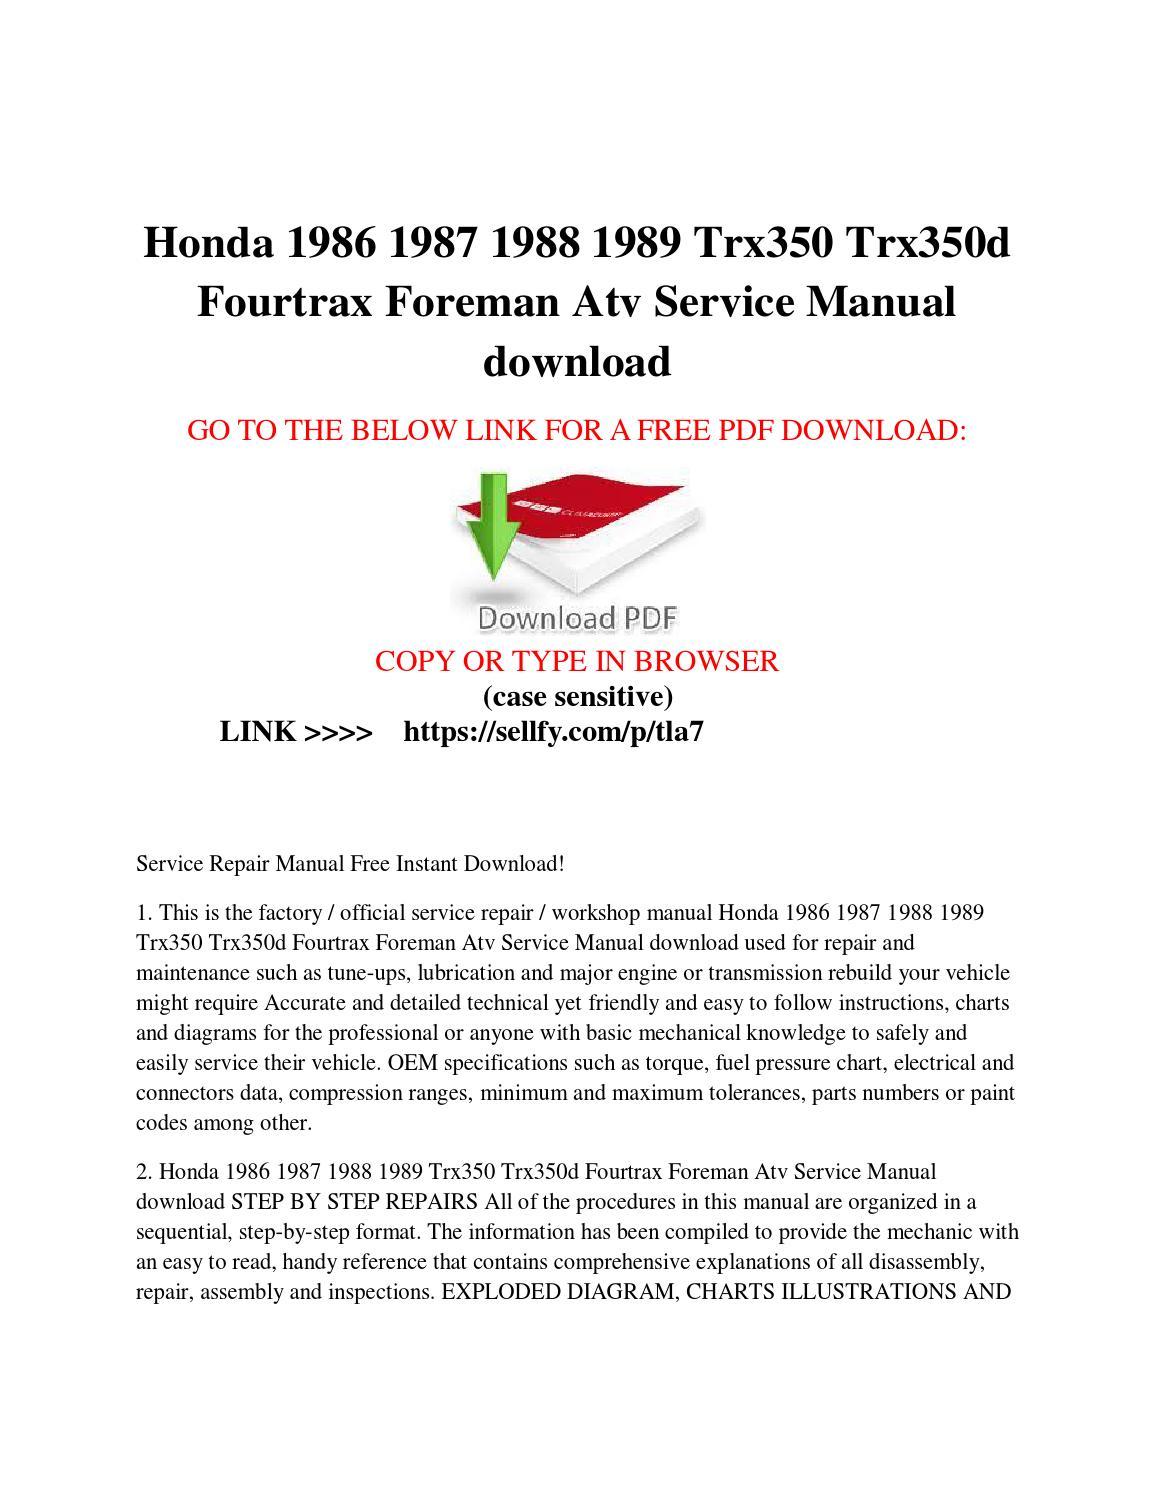 Honda 1986 1987 1988 1989 Trx350 Trx350d Fourtrax Foreman